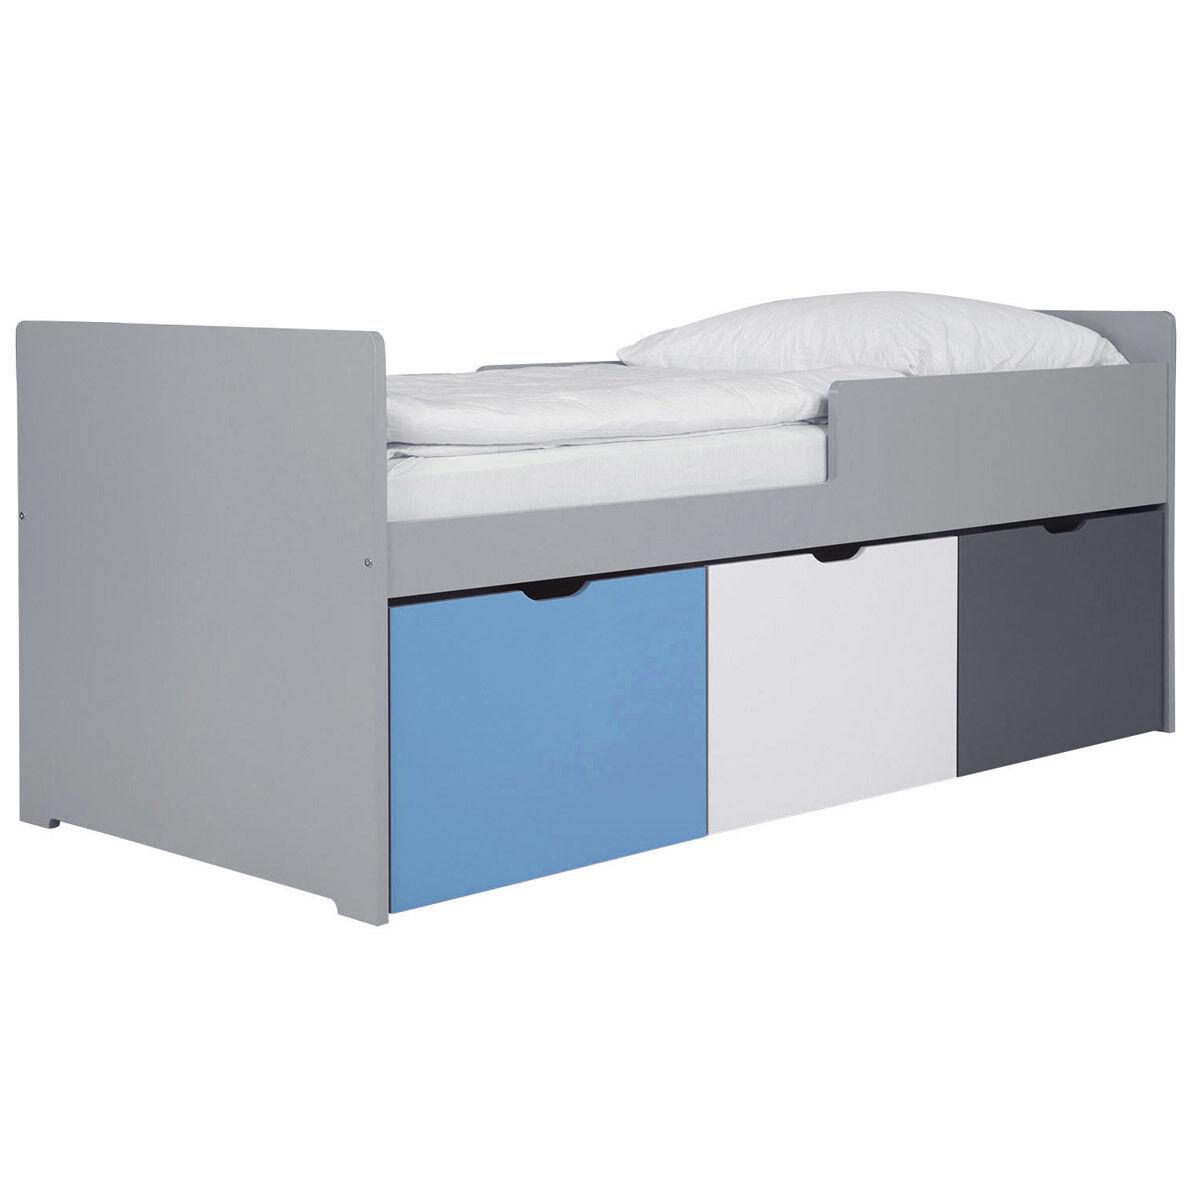 Miliboo Lit enfant à tiroirs 90x190 cm bleu, blanc et gris JULES